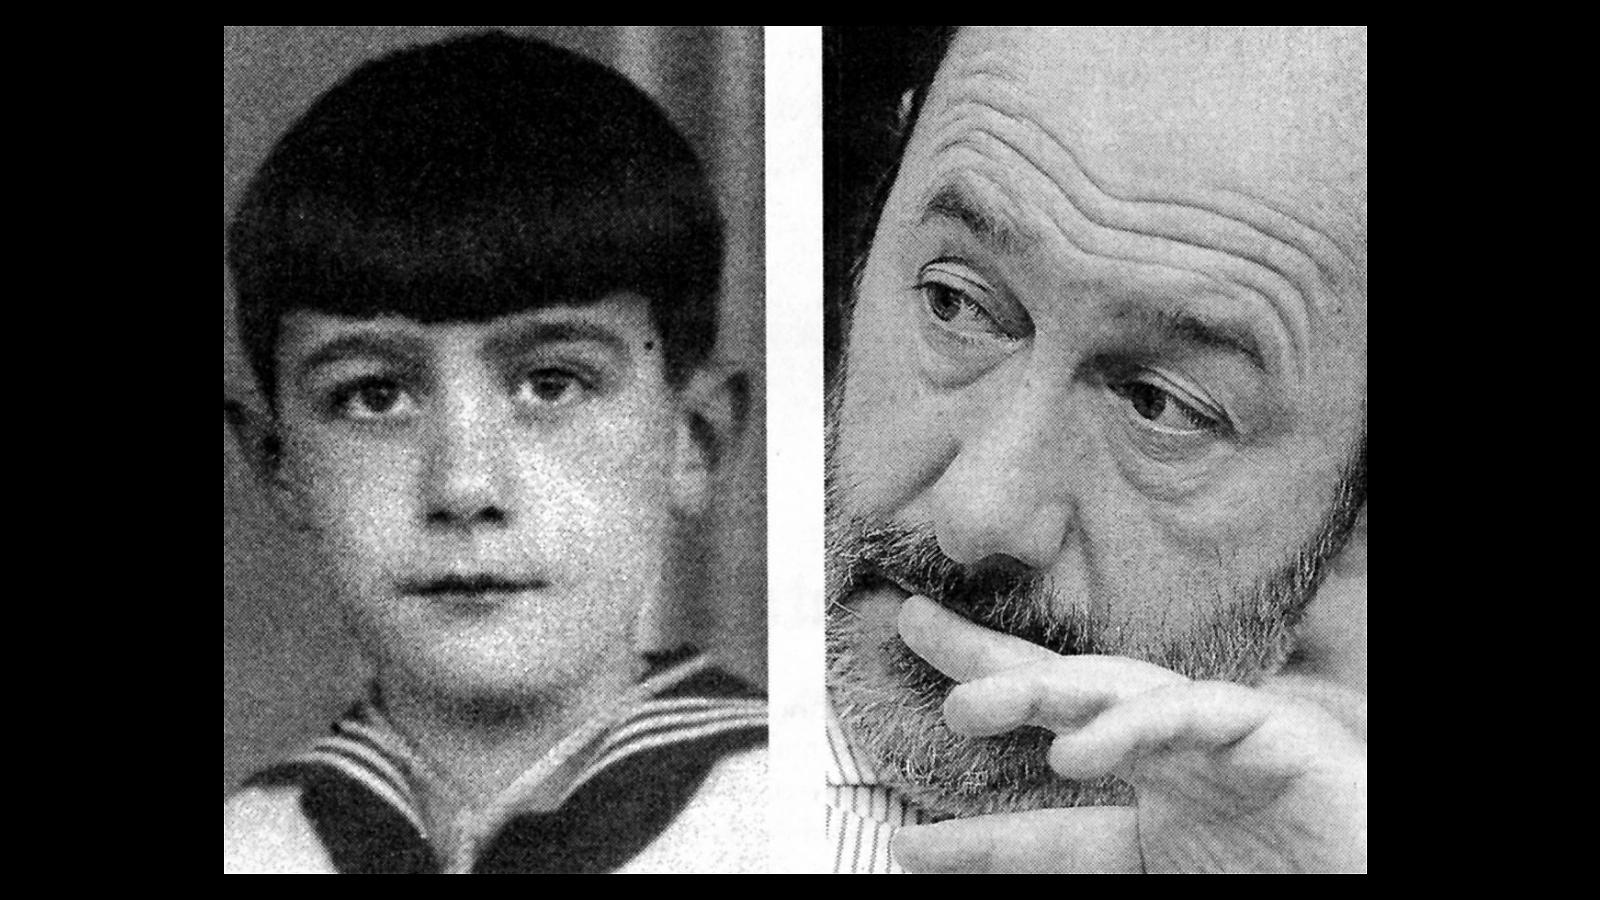 Alfredo Pérez Rubalcaba nació en Solares (Cantabria), el 28 de julio de 1951, y 23 años después, en 1974, ingresaría en el PSOE, colaborando en la Federación Socialista Madrileña. En la imagen de la izquierda, Rubalcaba, con 9 años